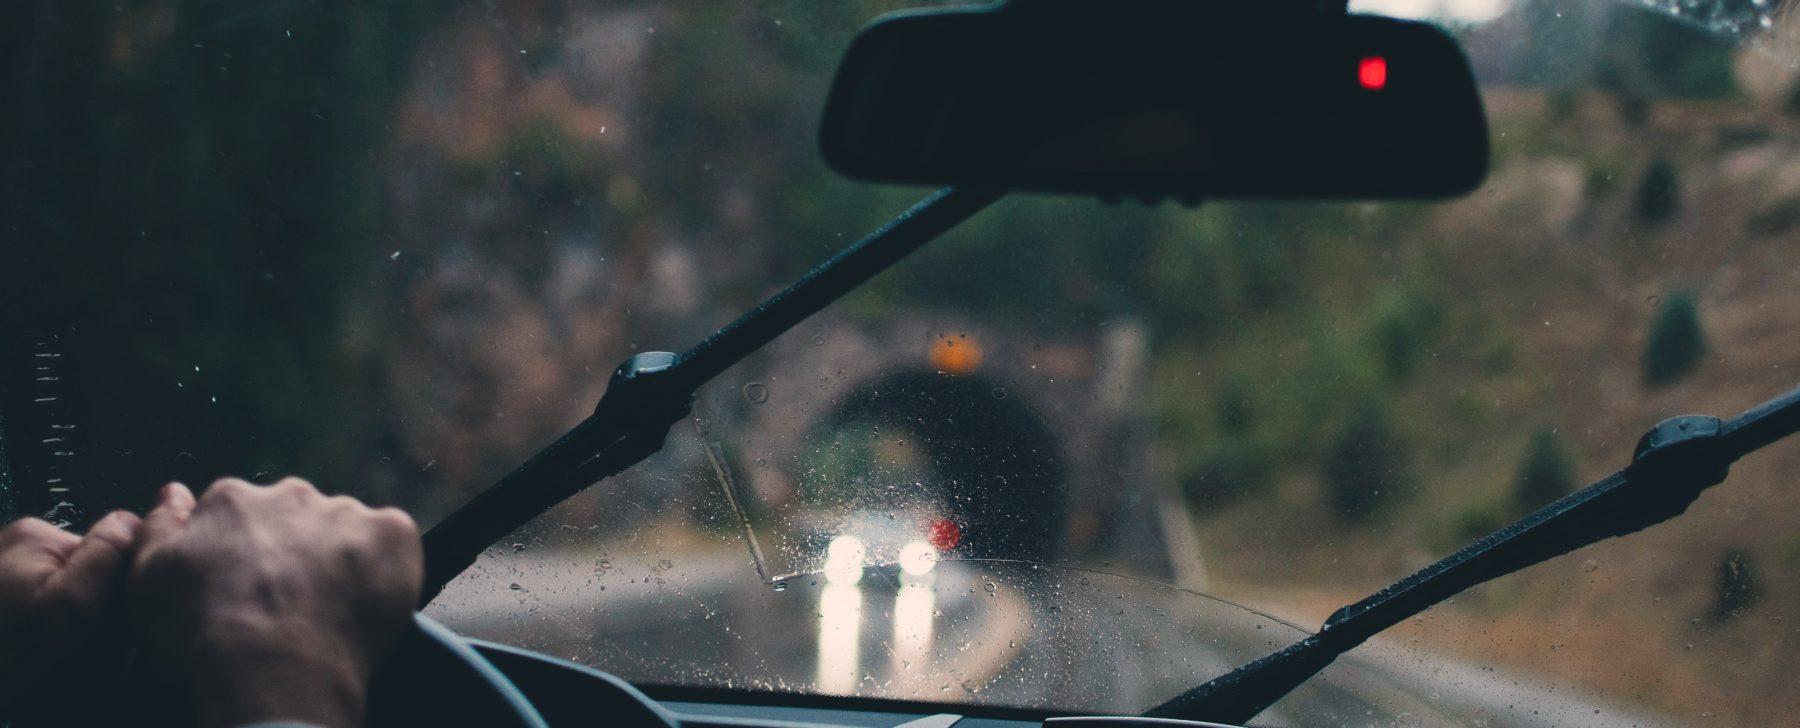 Rayos láser, en vez de escobillas, para los cristales del coche